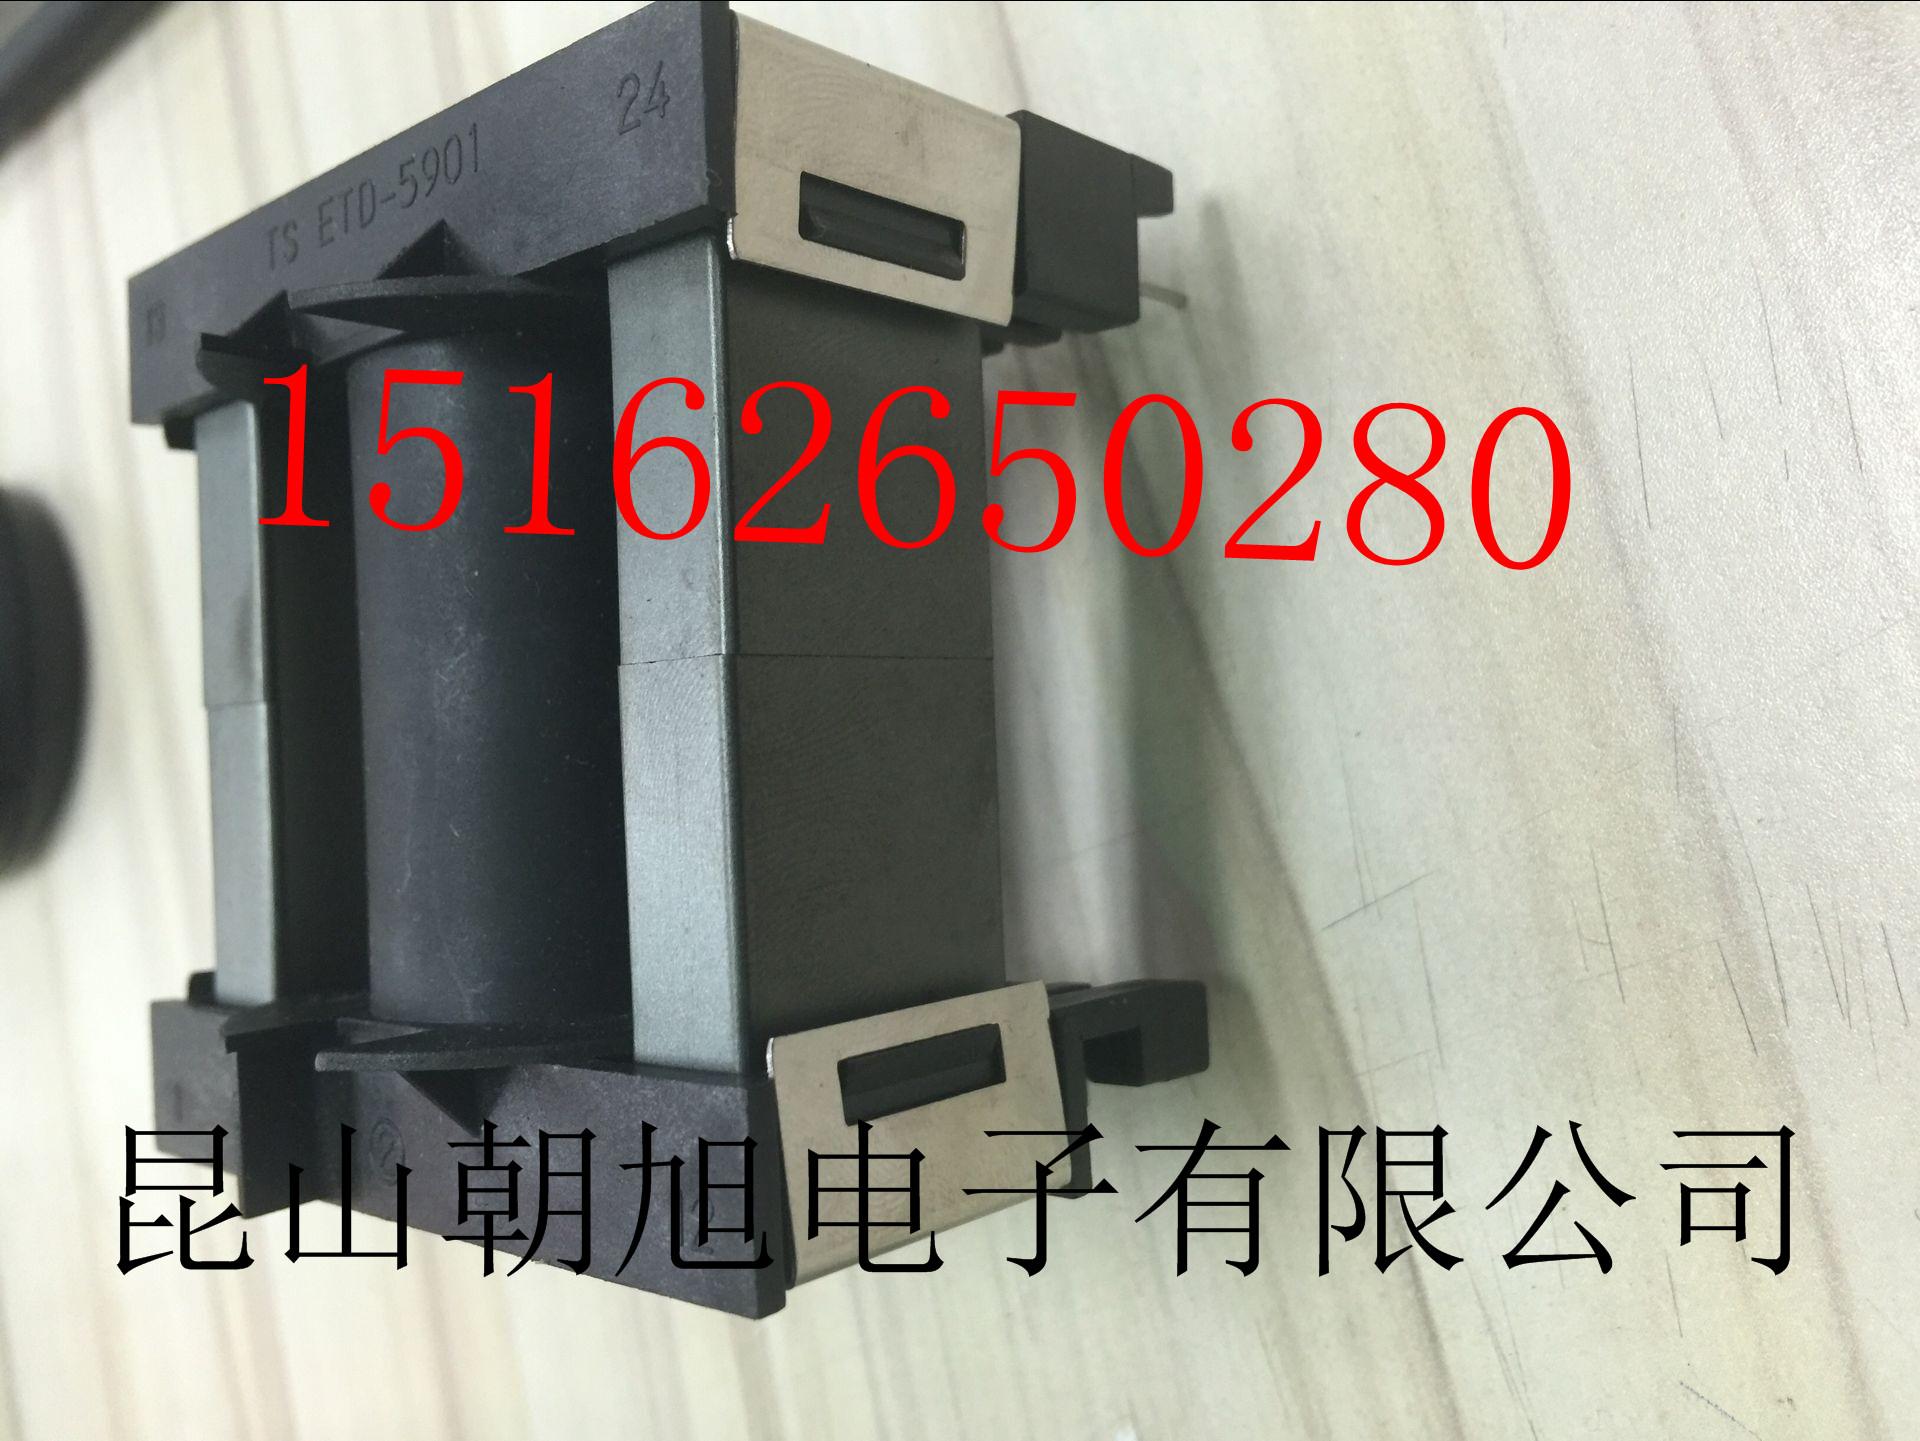 ETD59 горизонтальный 12 + 12 забрать заказ 1000 пластиковый каркас из стали